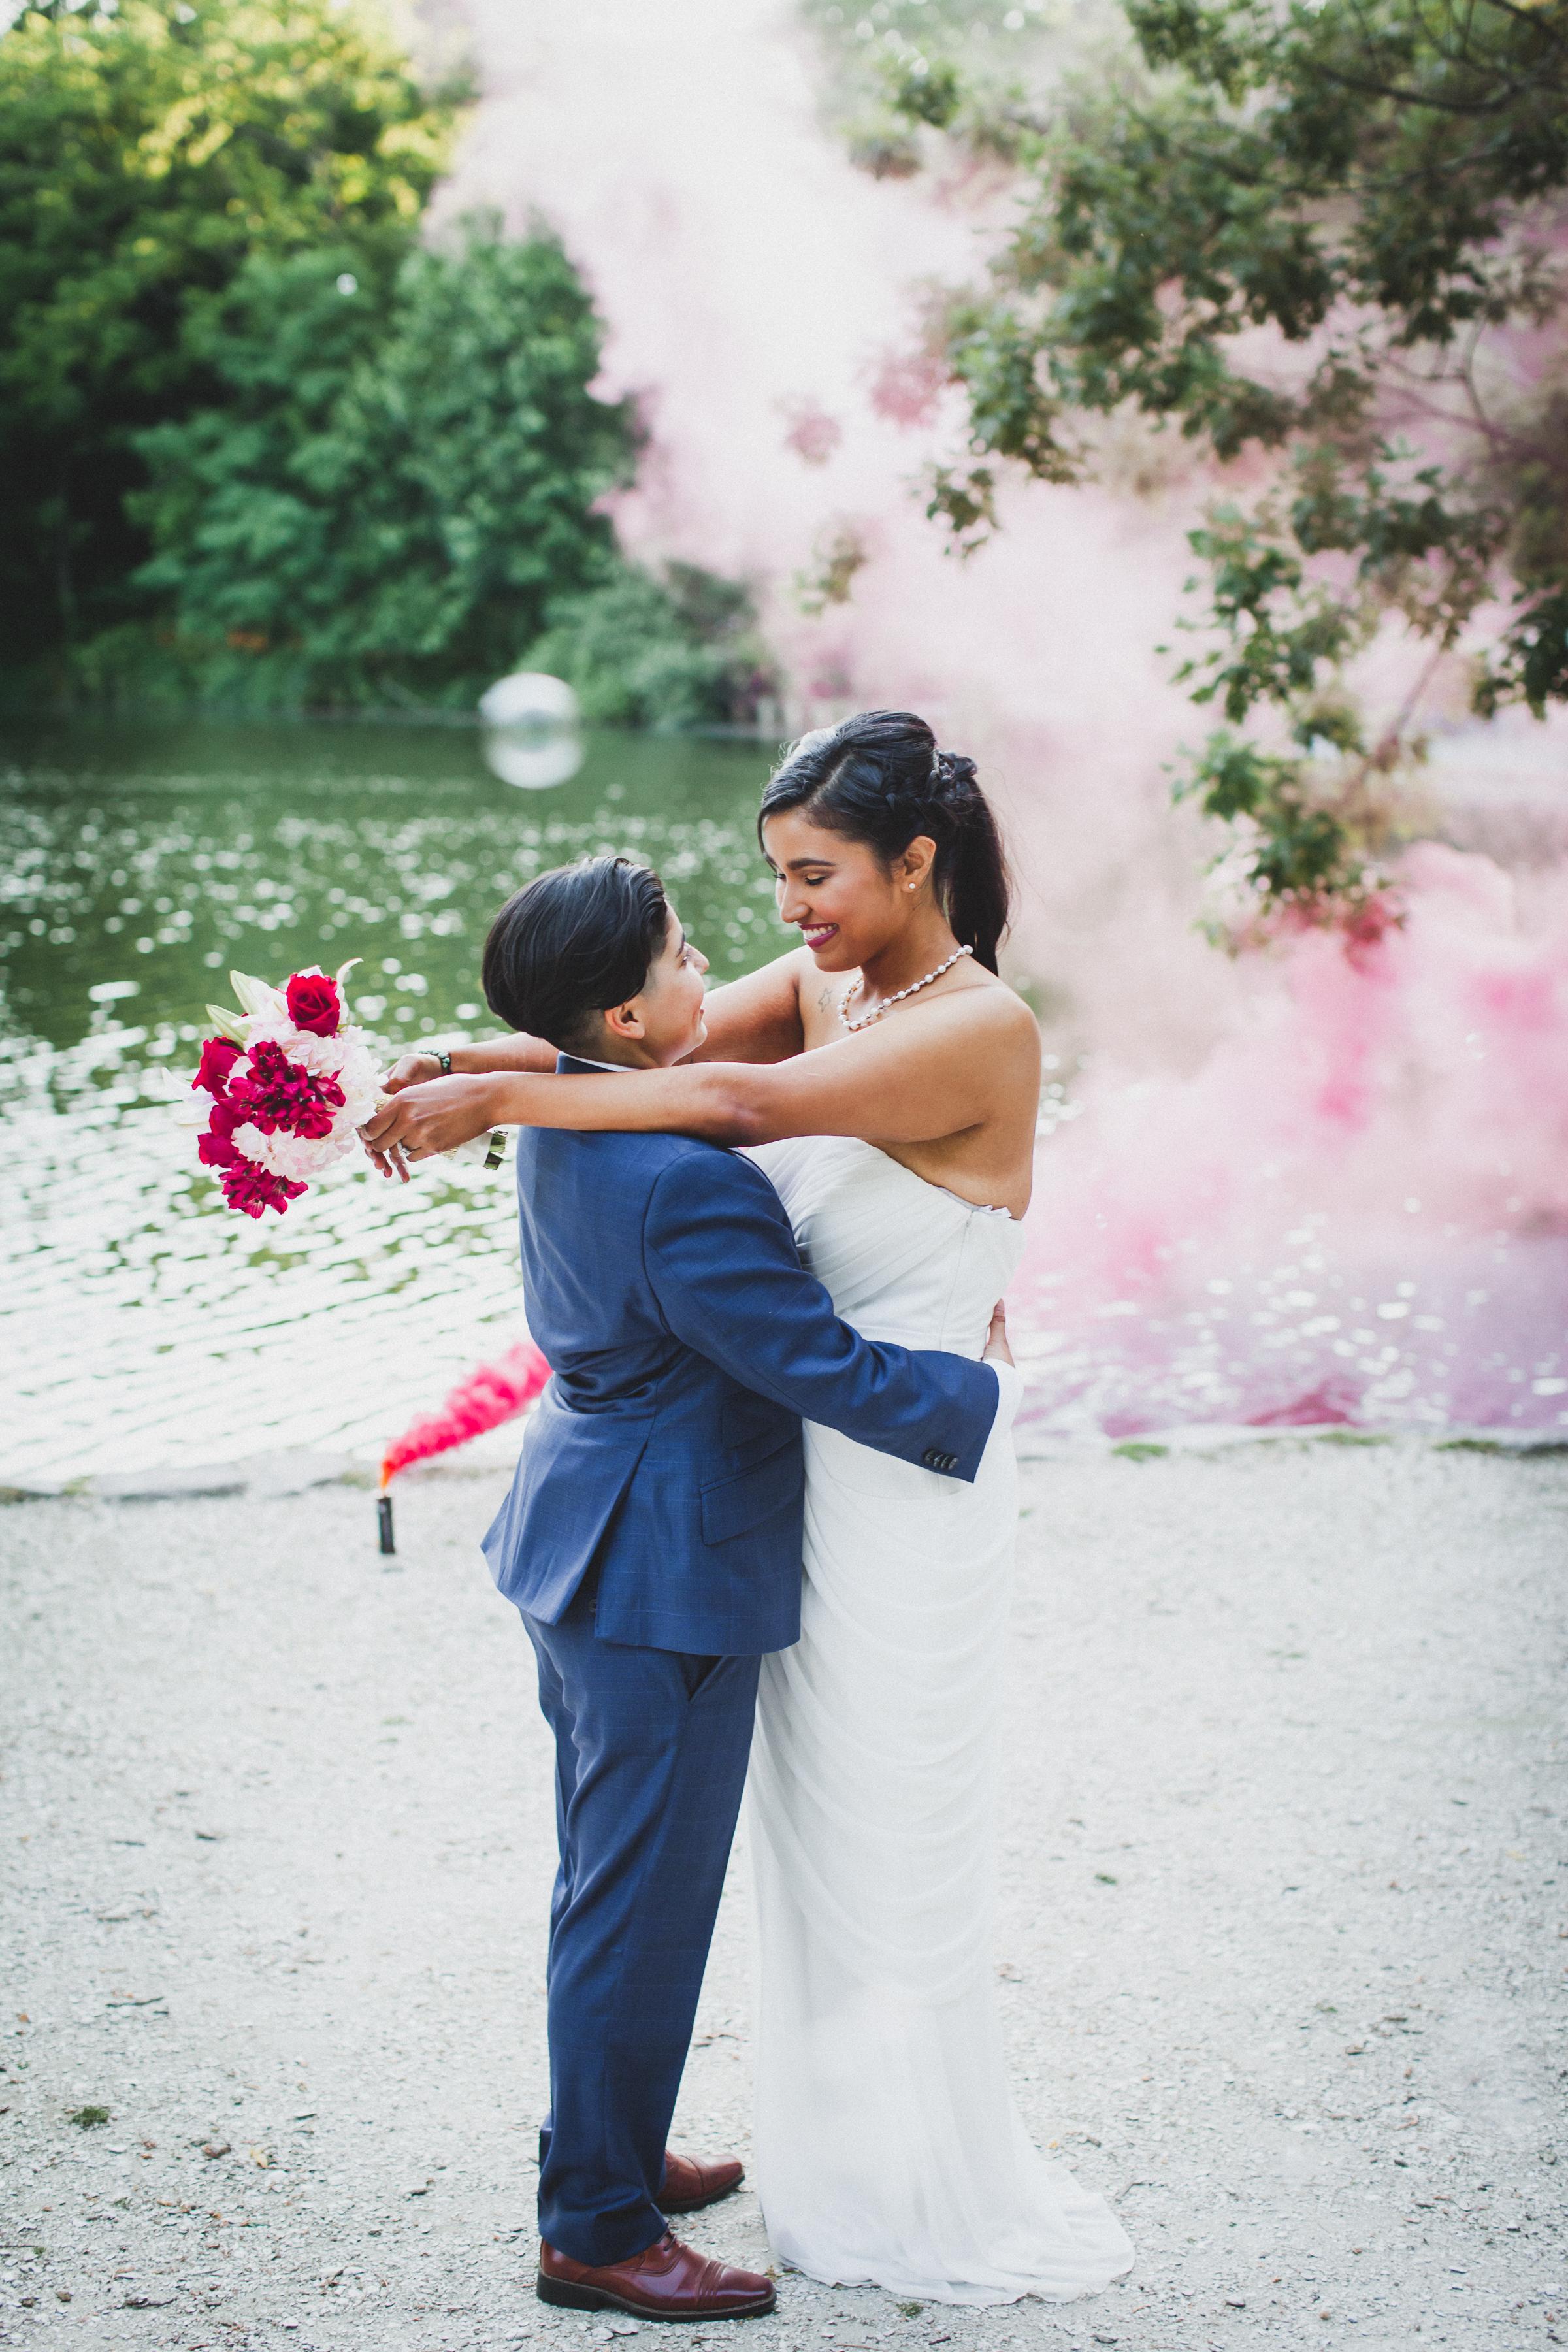 Long-Island-Documentary-Wedding-Photographer-Avalon-Park-Wedding-Photos-52.jpg